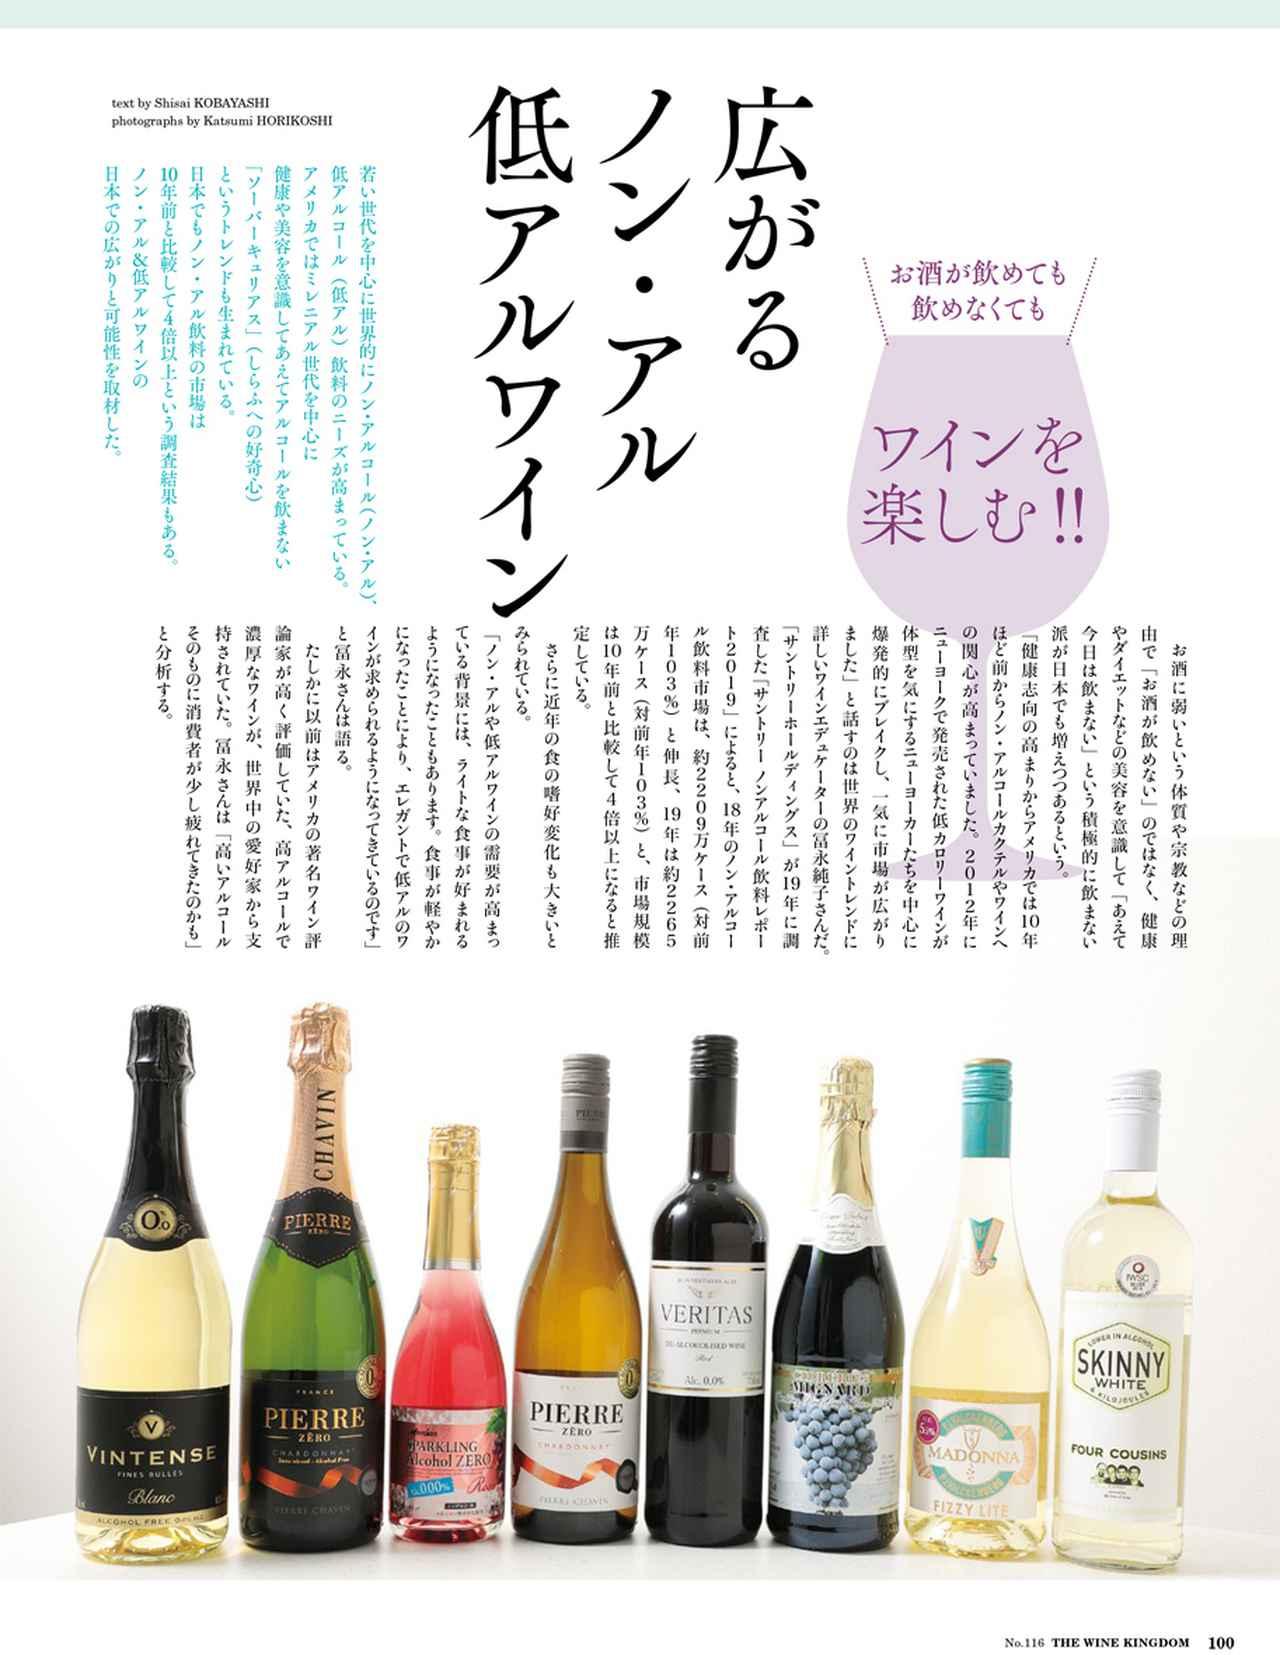 画像2: 『ワイン王国116号』買って後悔しないボルドー格付けワインを紹介!!